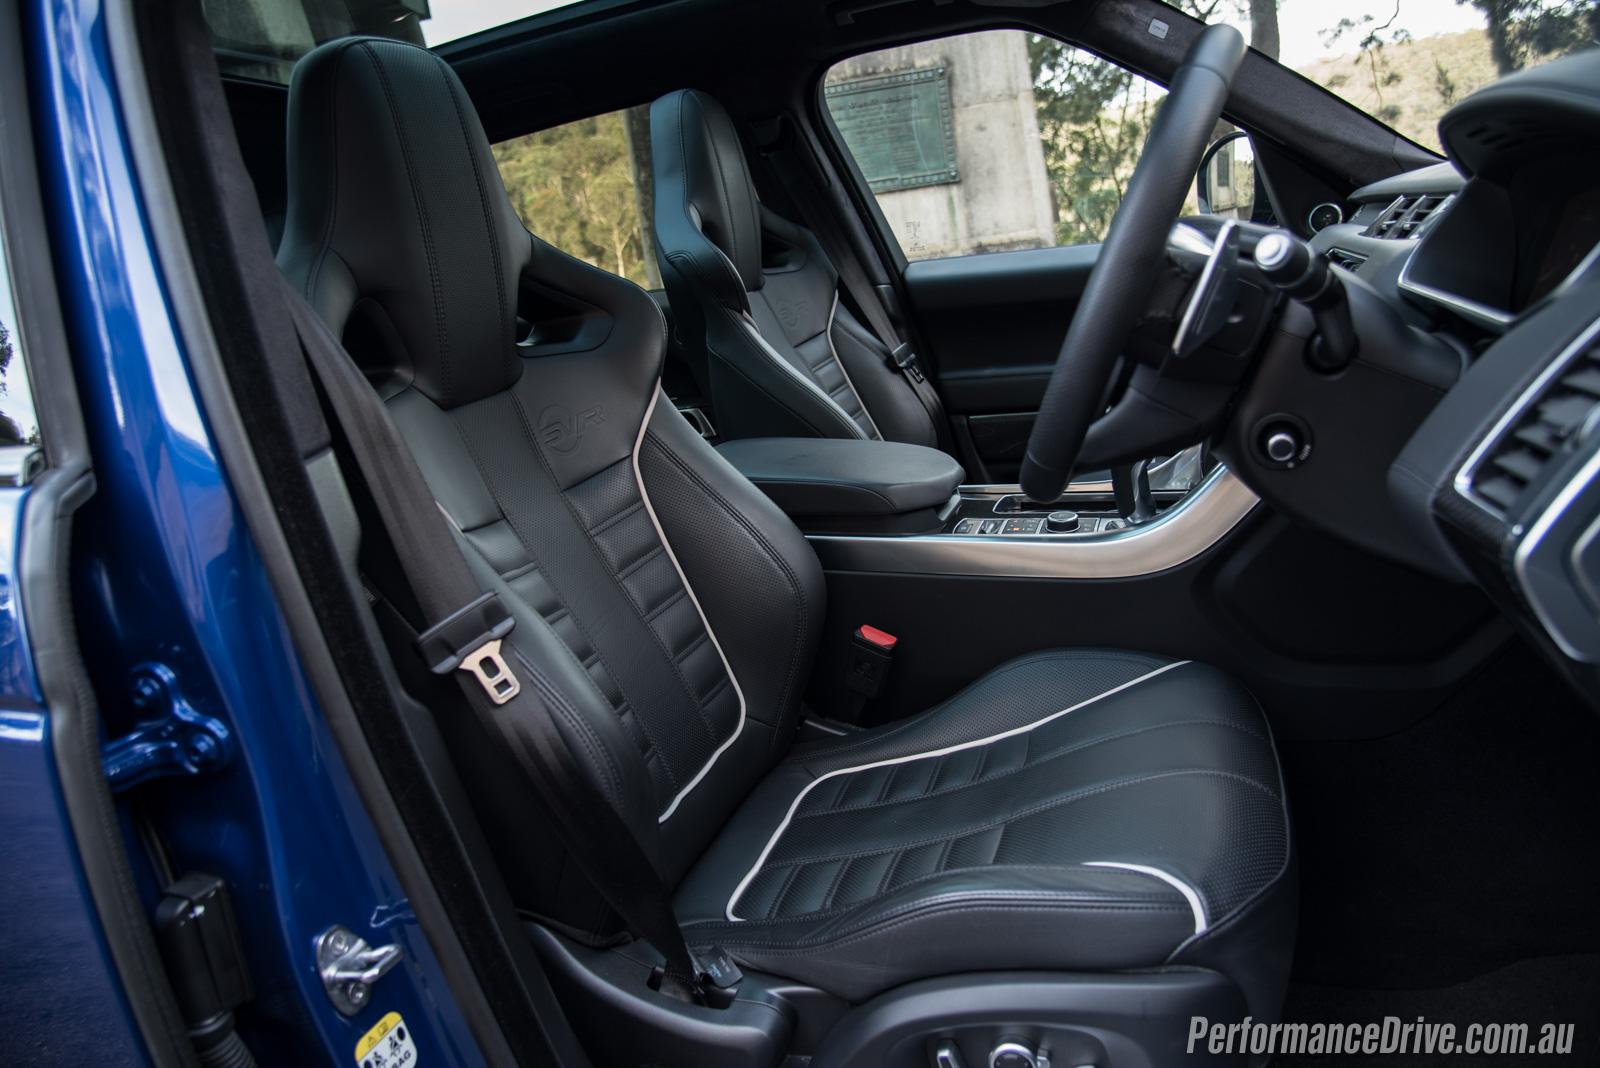 Land Rover Range Rover Velar R Dynamic Hse >> 2016 Range Rover Sport SVR review (video)   PerformanceDrive